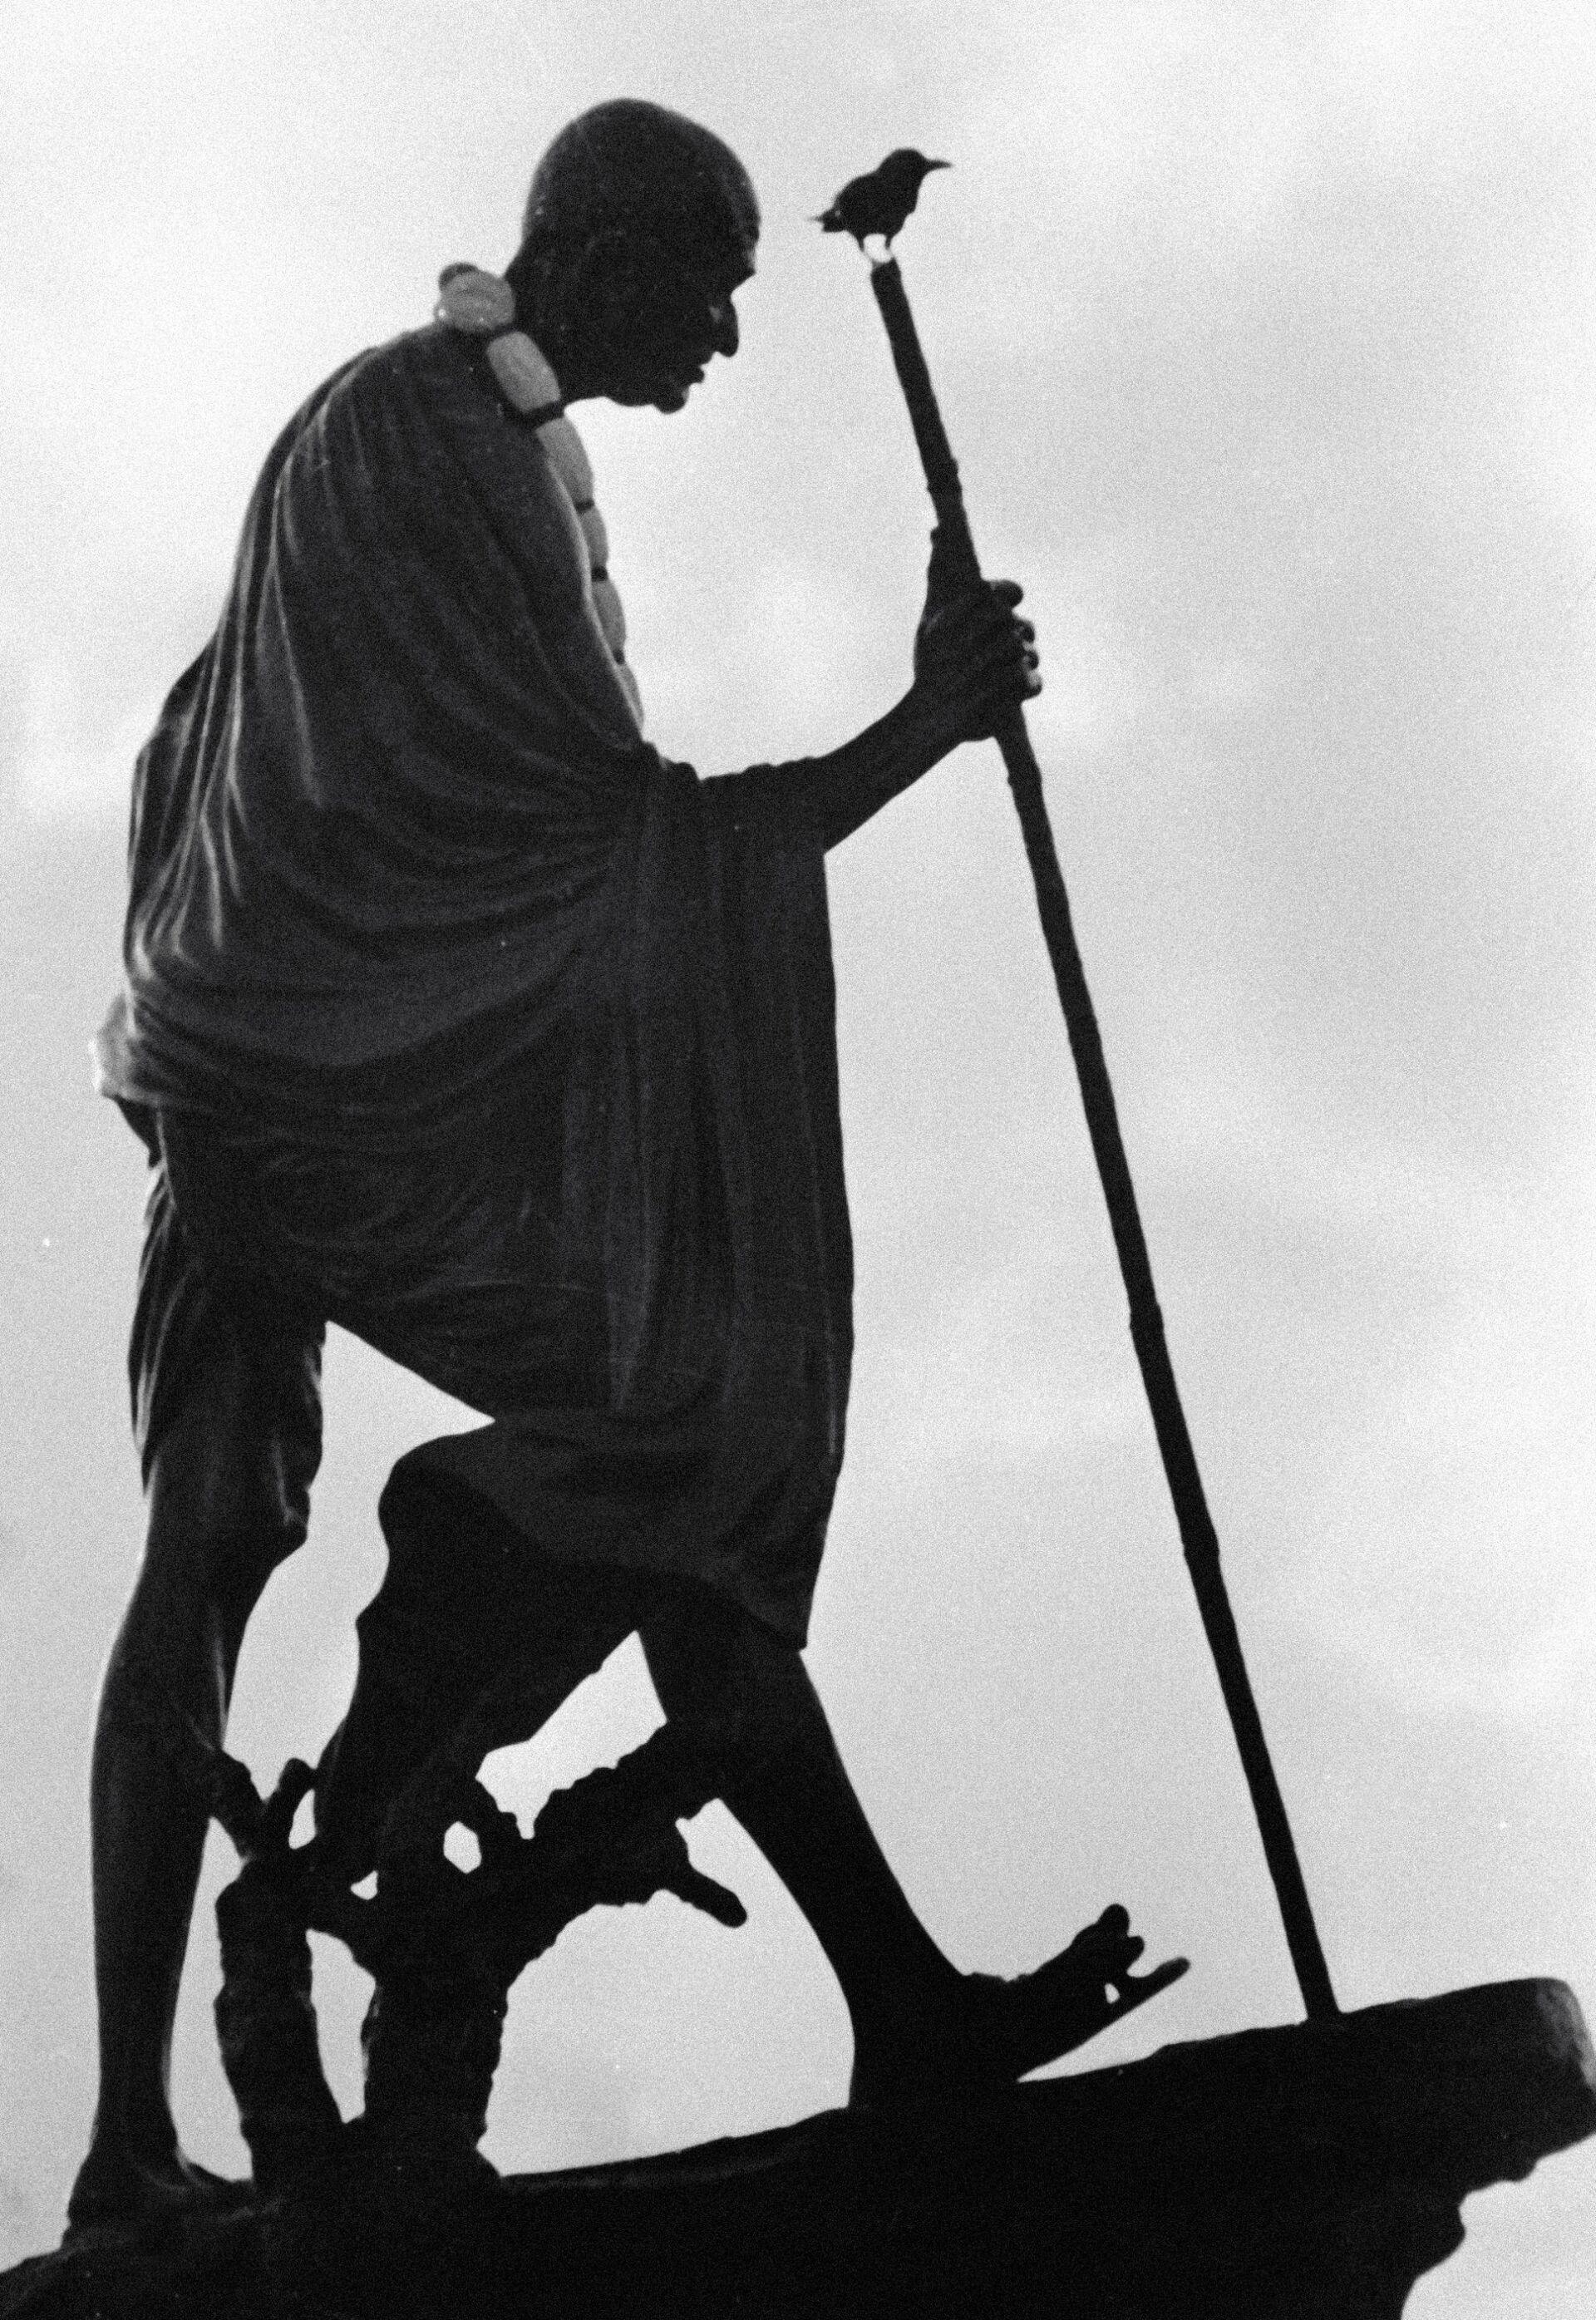 Памятник выдающемуся борцу за независимость Индии Махатме Ганди  - Sputnik Южная Осетия, 1920, 26.10.2021